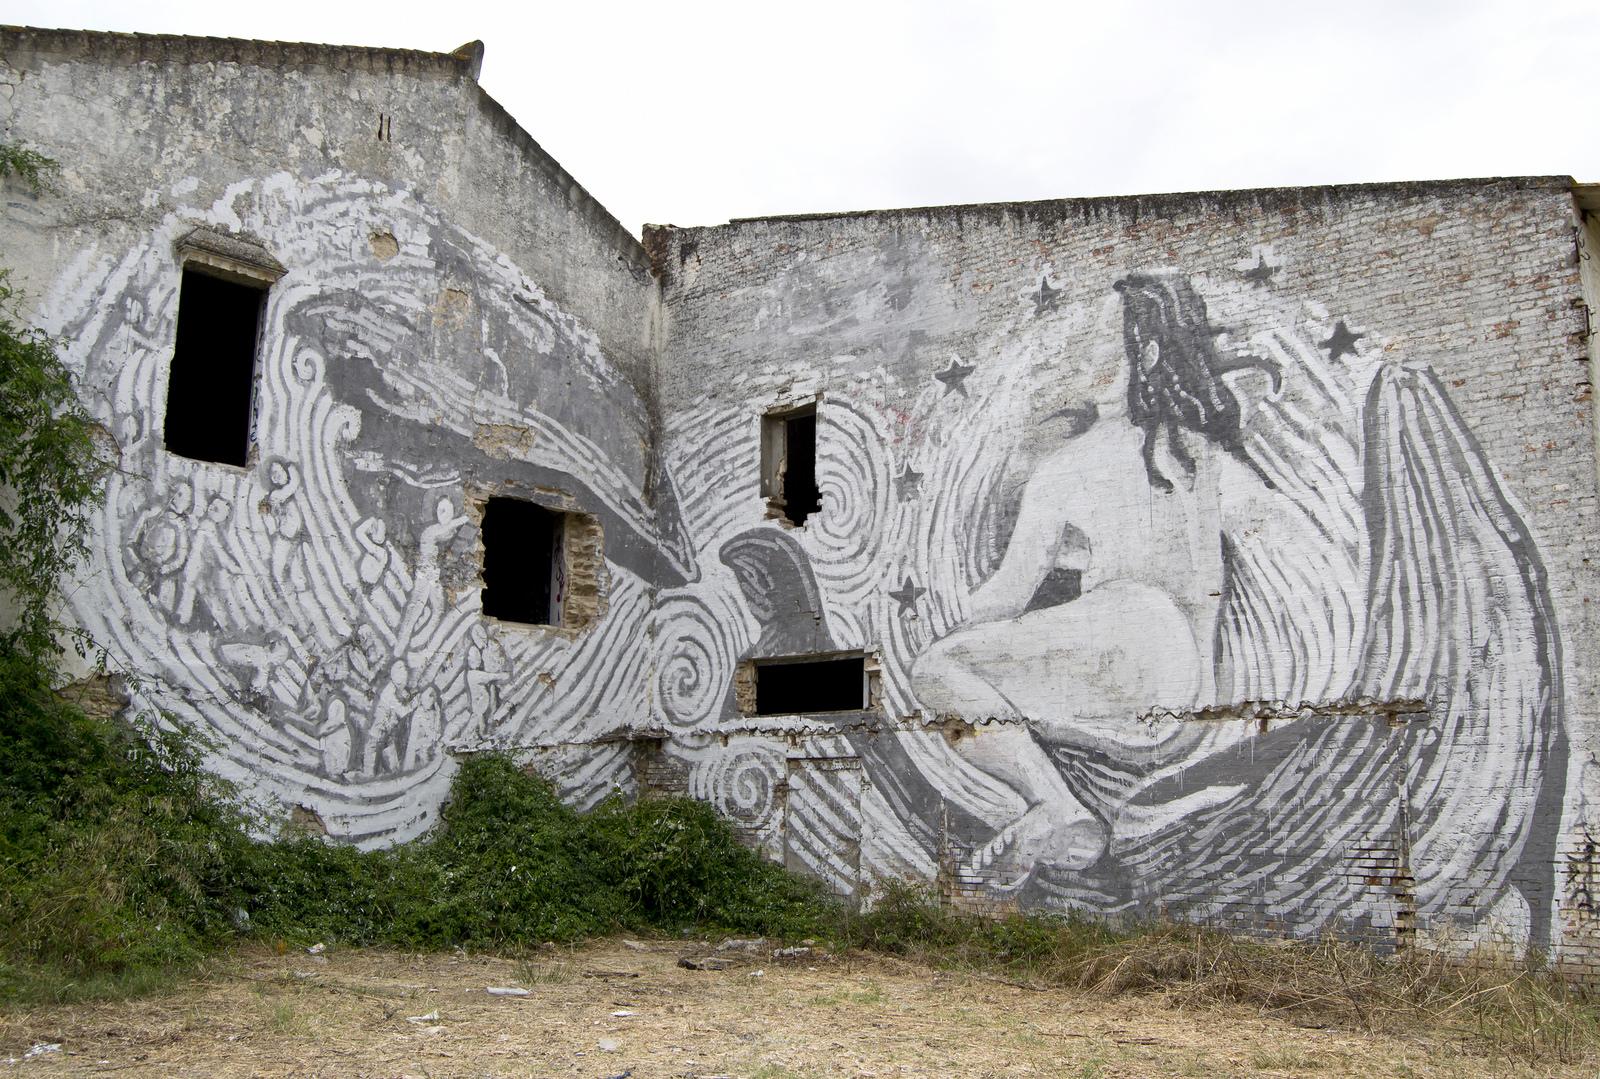 jeice-2-new-mural-in-mairena-del-aljarafe-sevilla-01